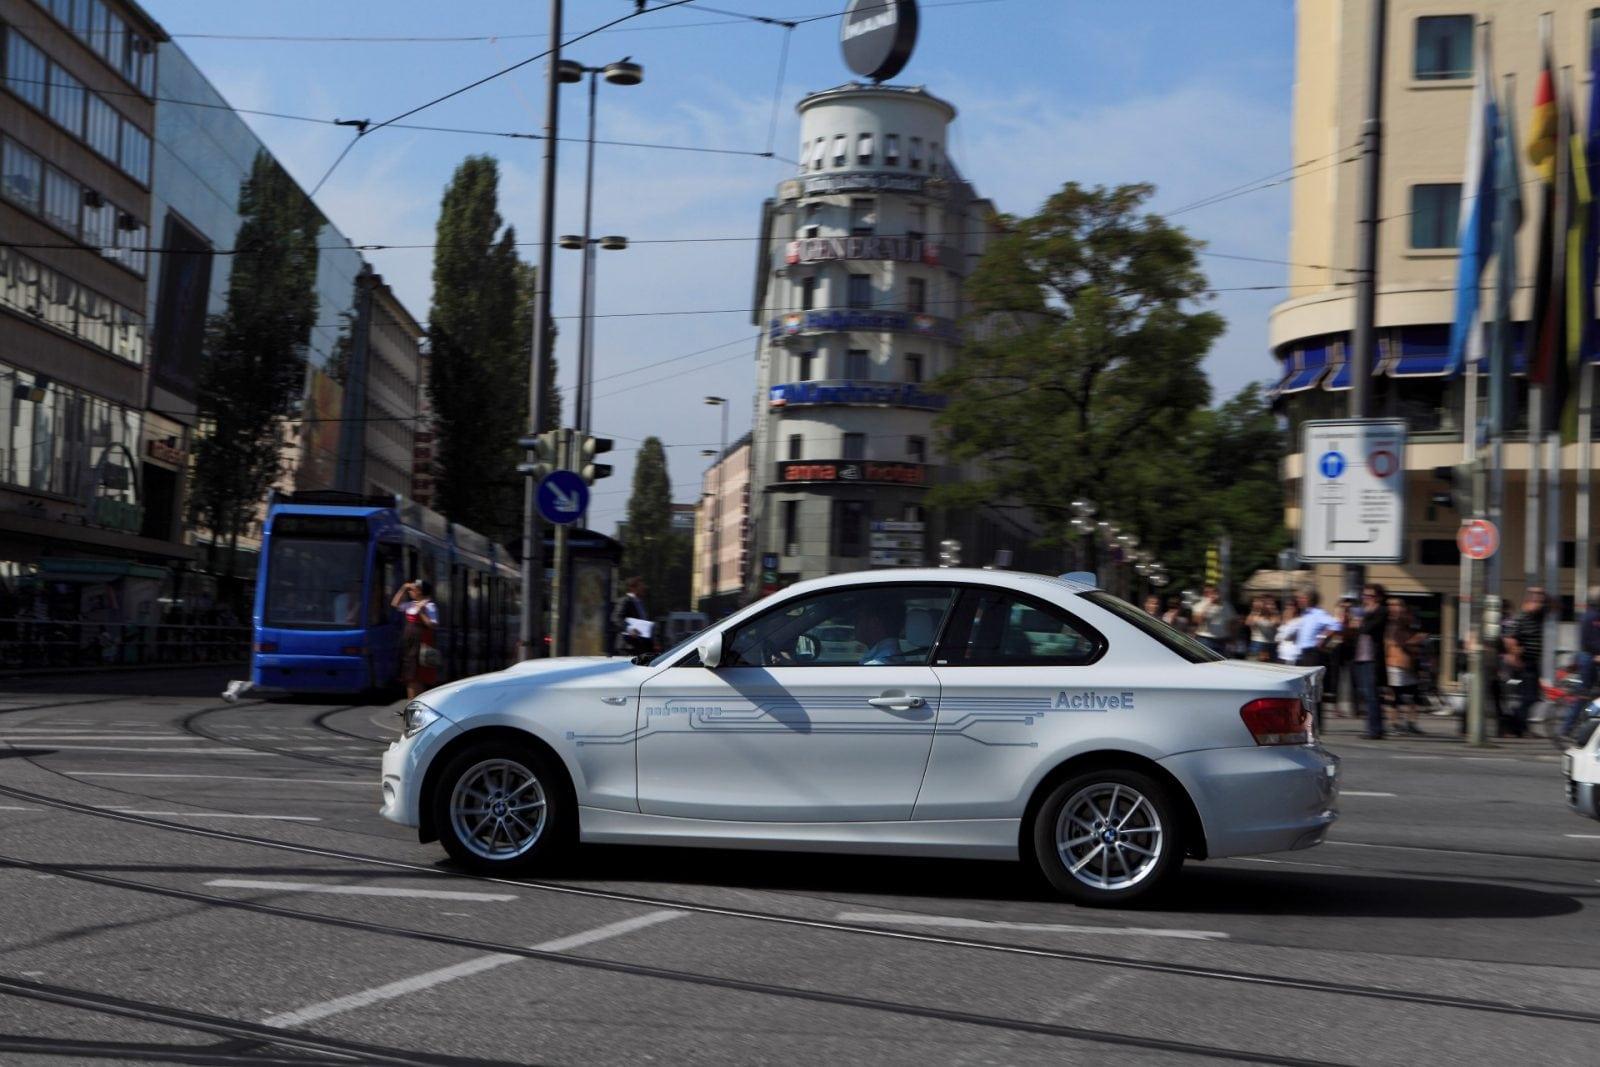 BMW 1 Series Active E